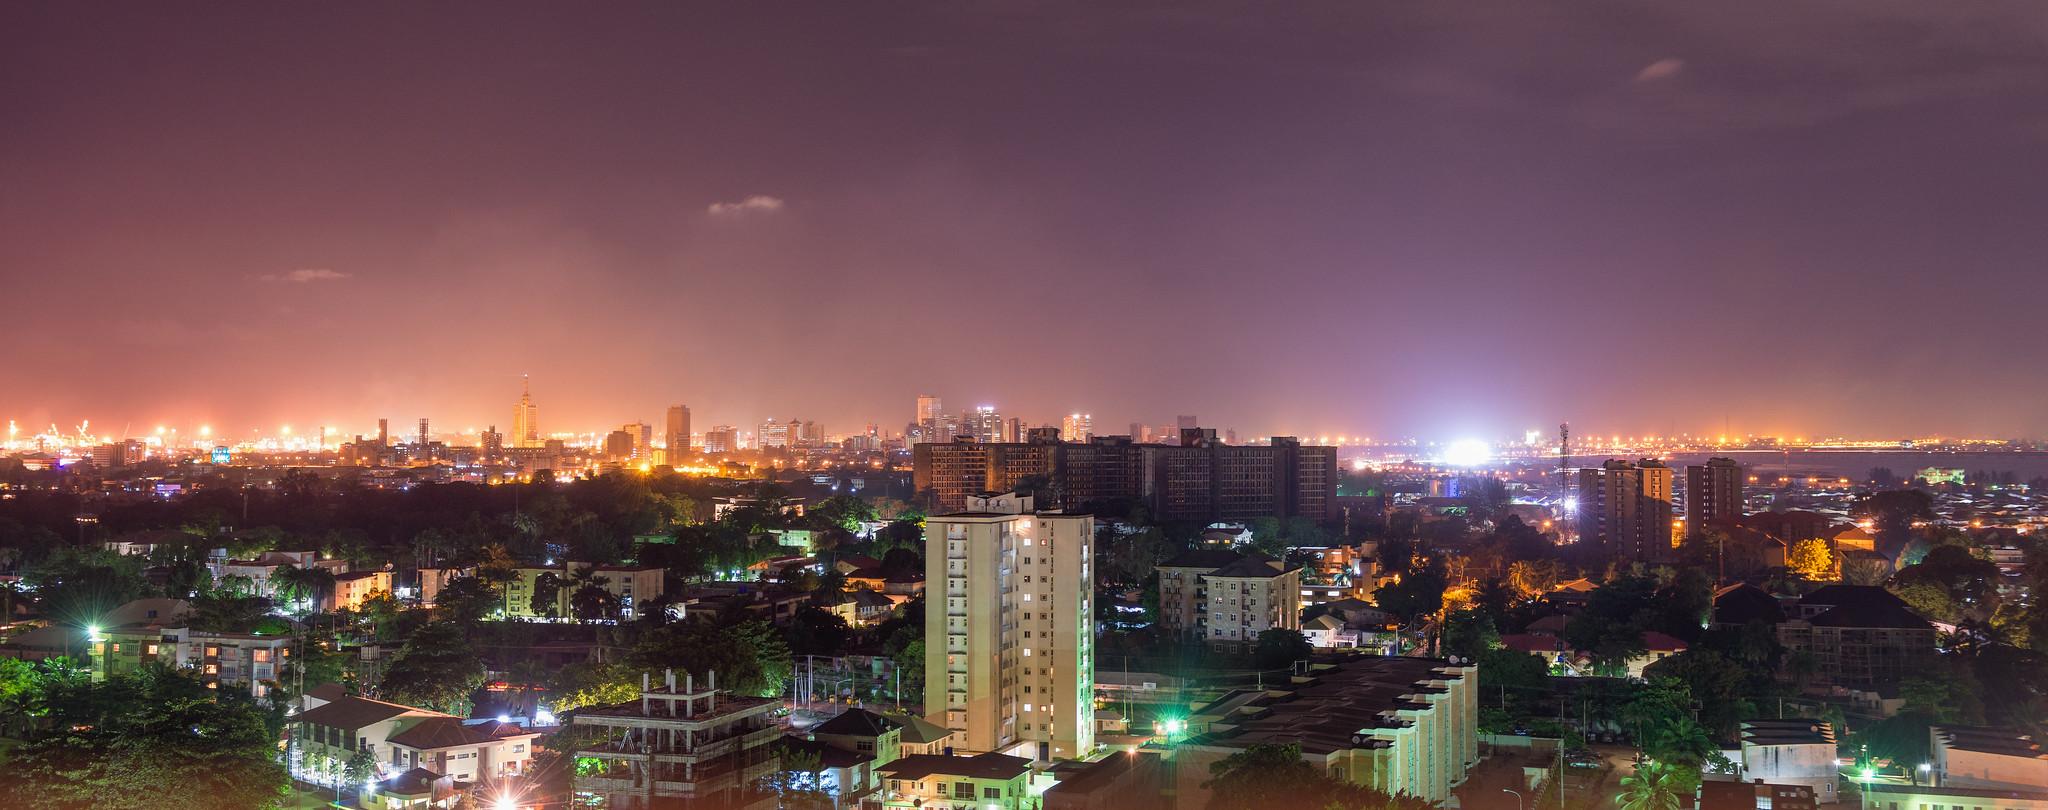 Lagos Night Panorama